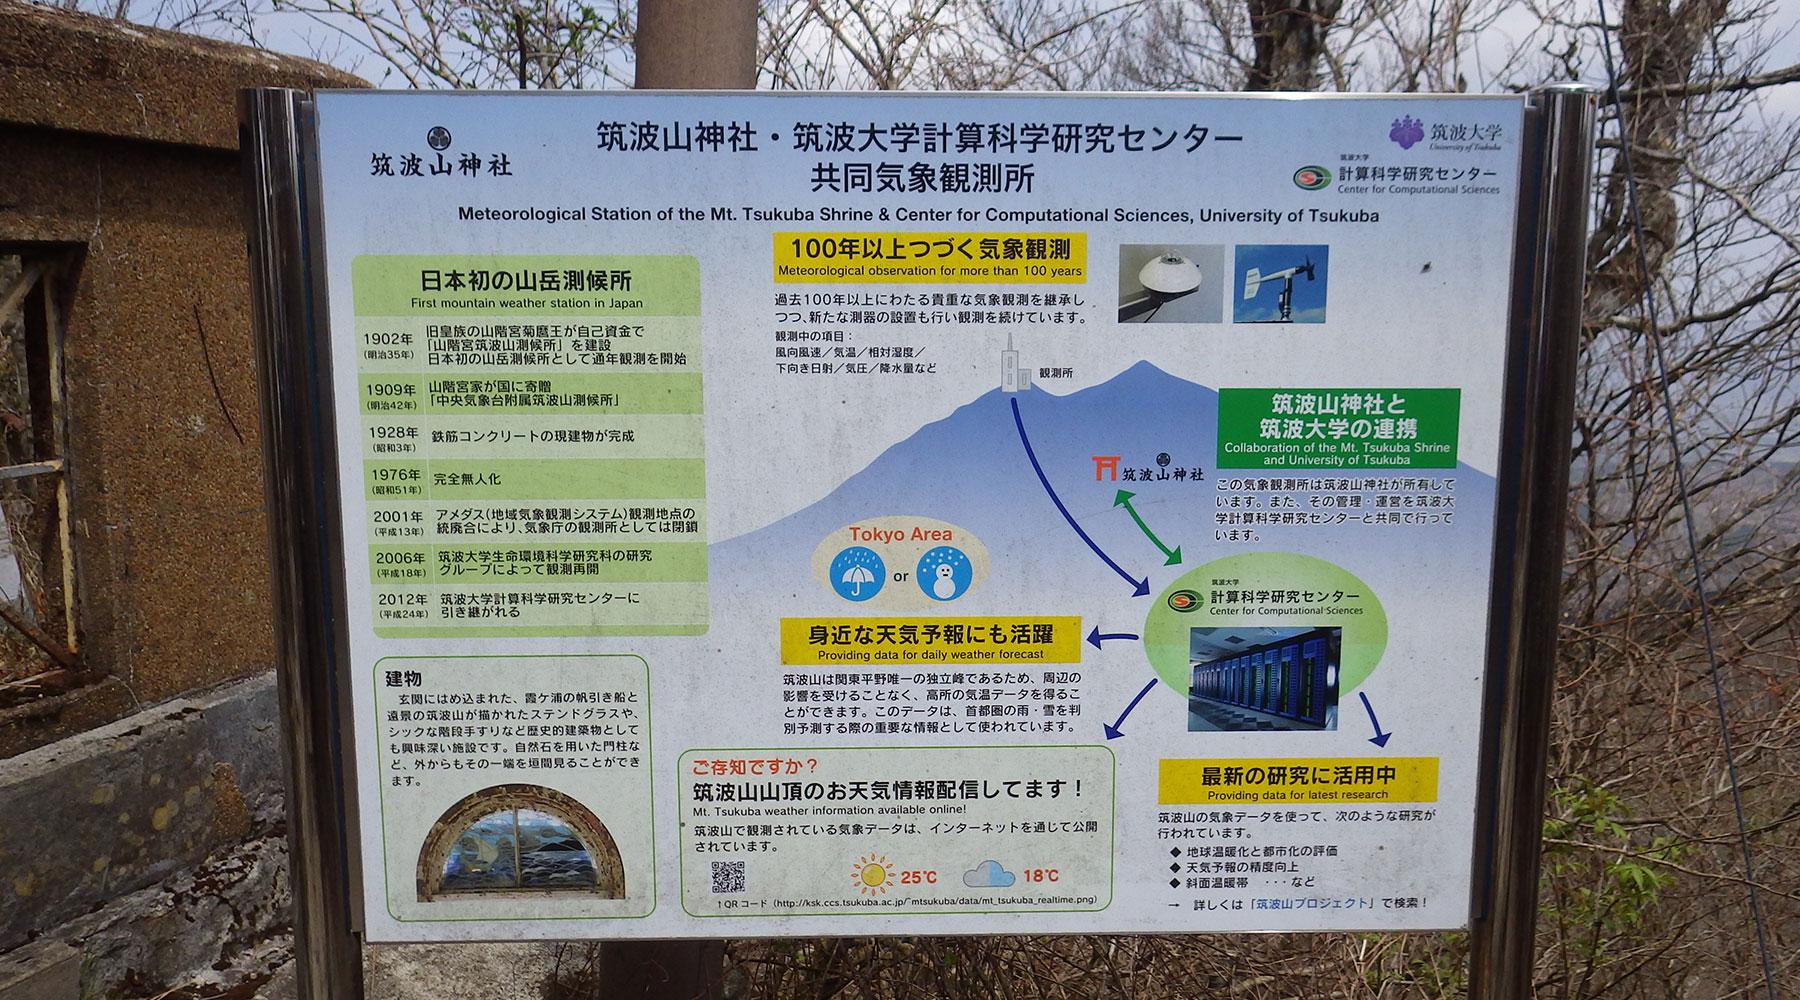 筑波山・男体山の気象観測所についての案内板